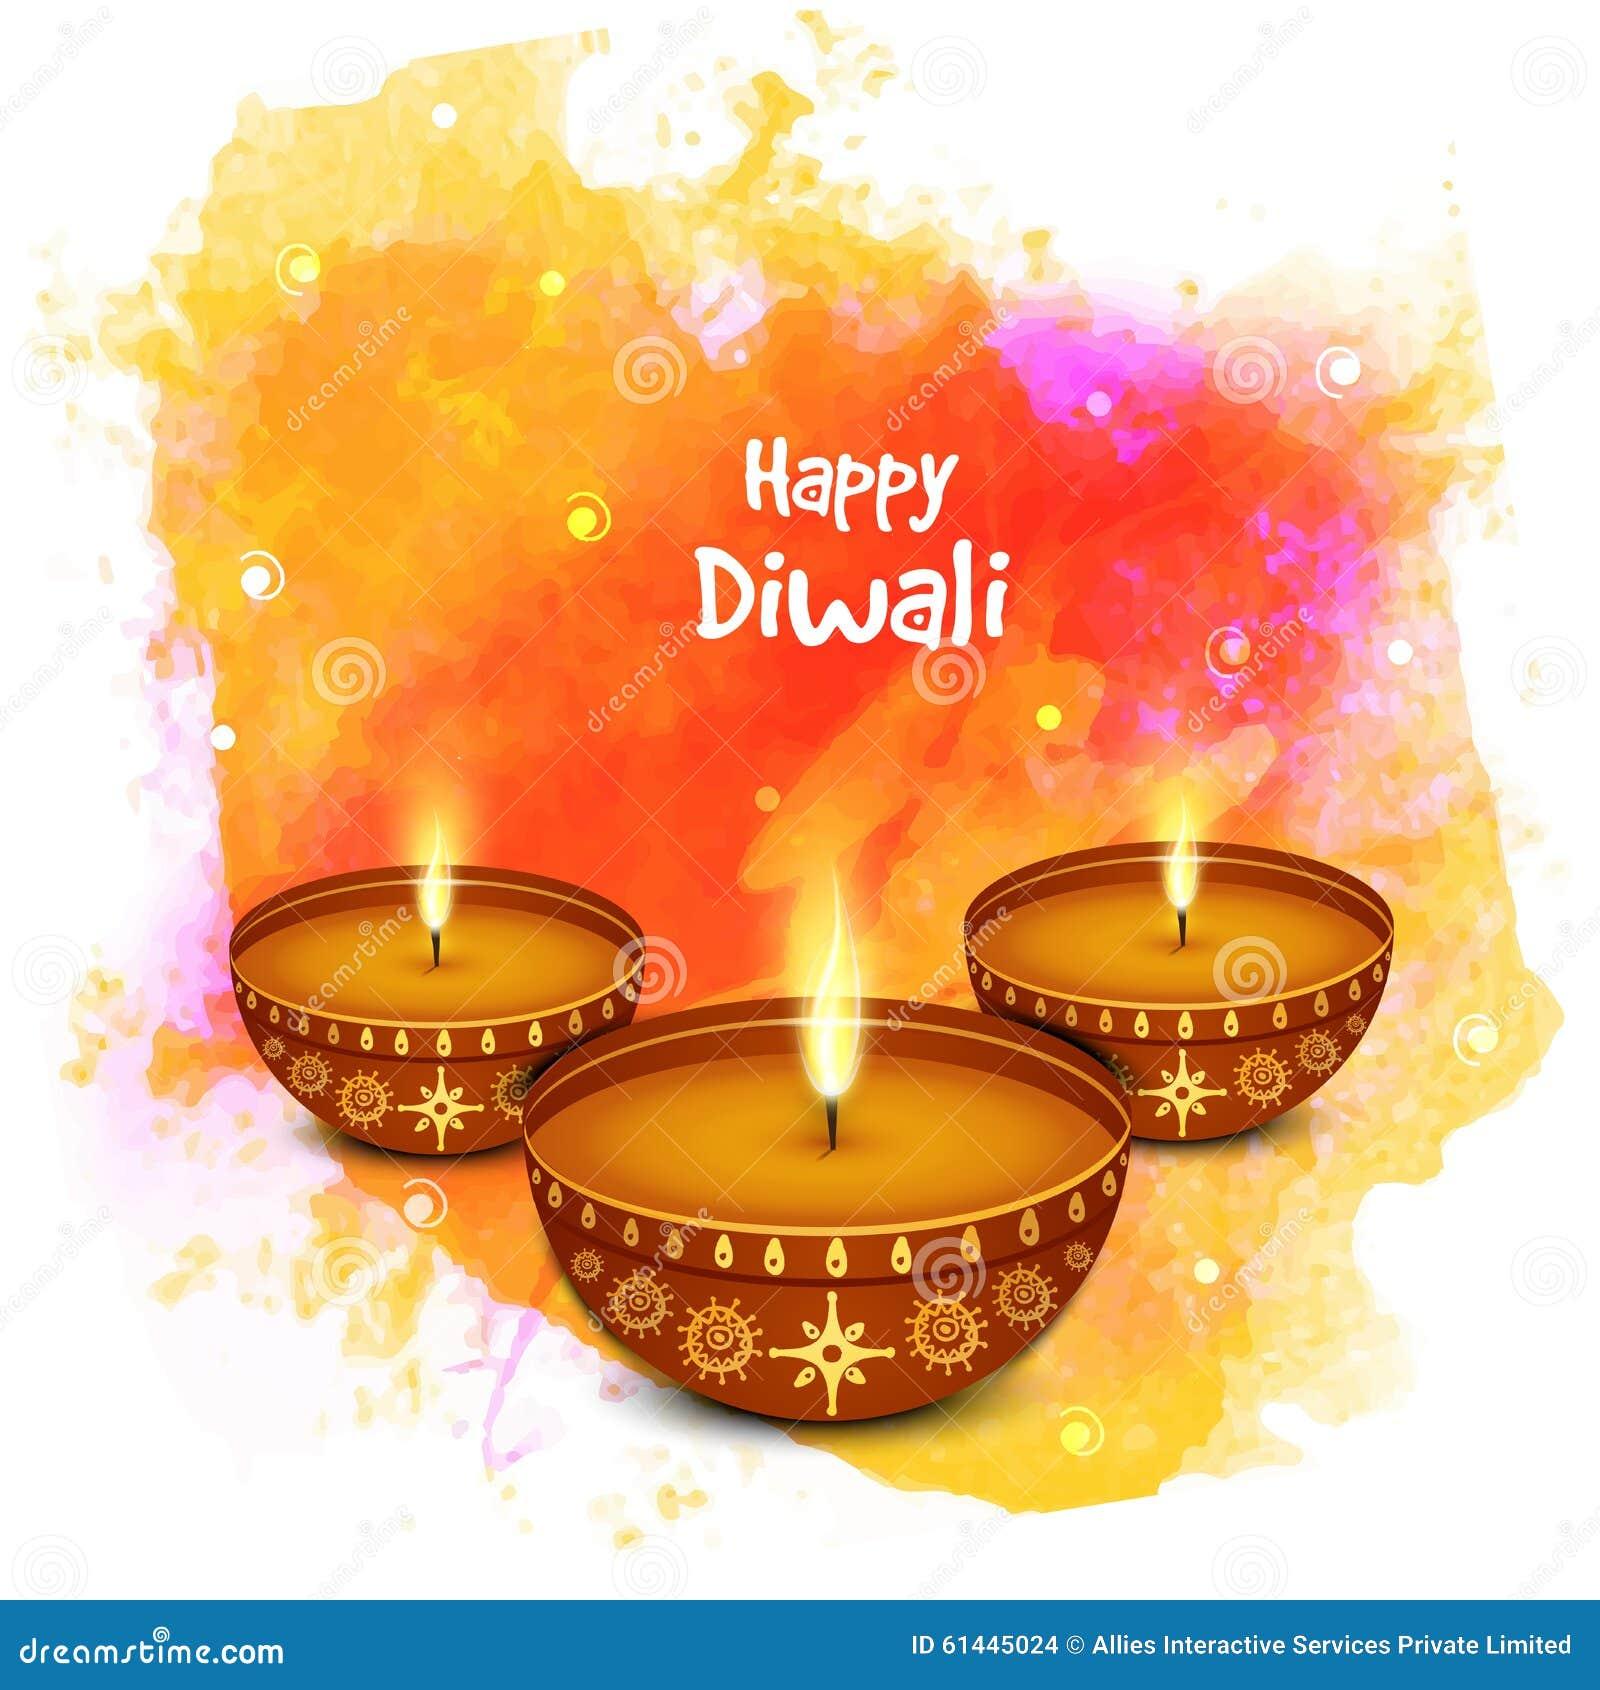 Elegant Illuminated Lit Lamps For Happy Diwali Celebration ... Indian Religious Background